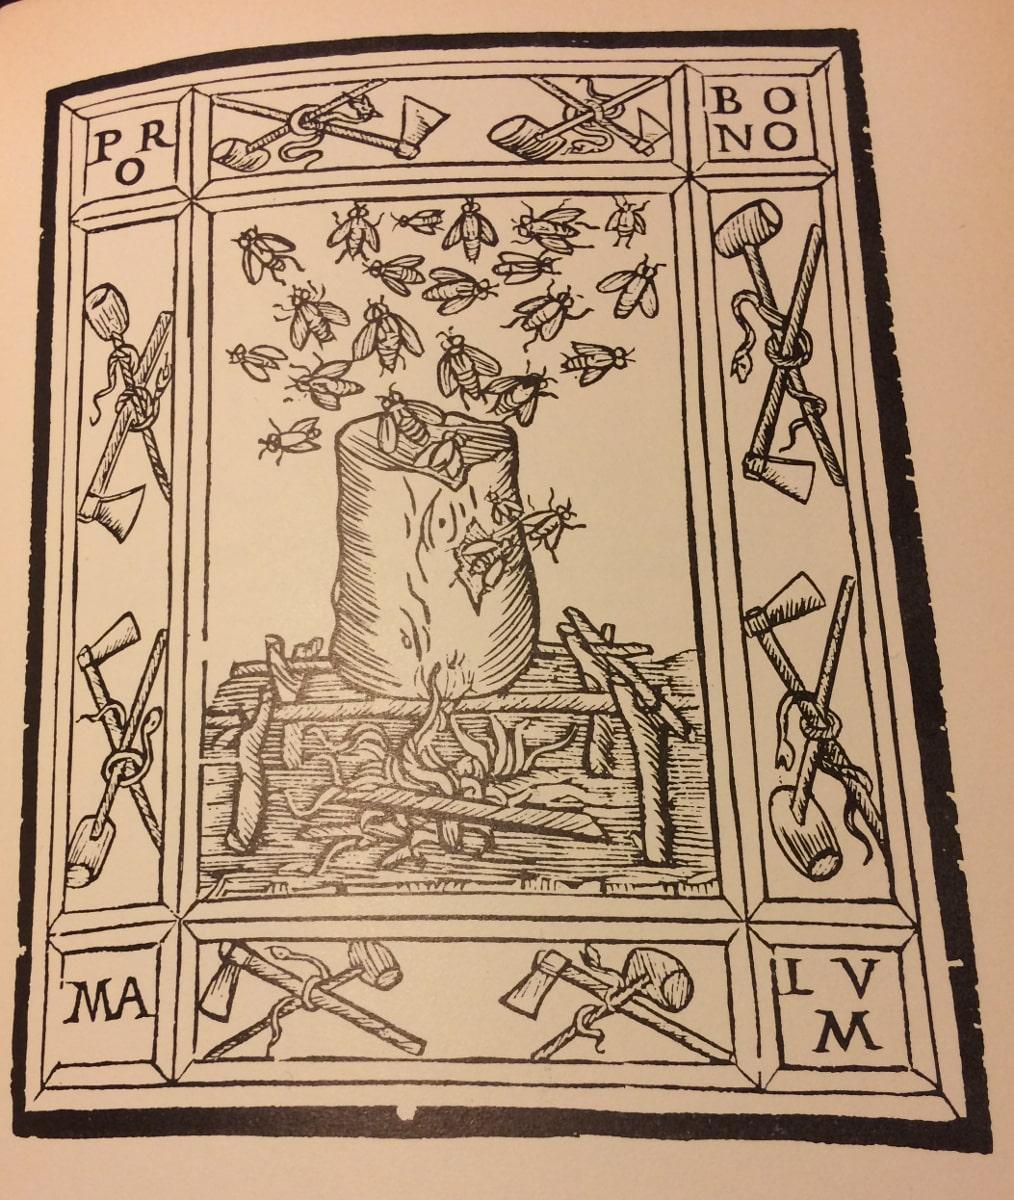 pro bono ariosto orlando furioso edicion 1516